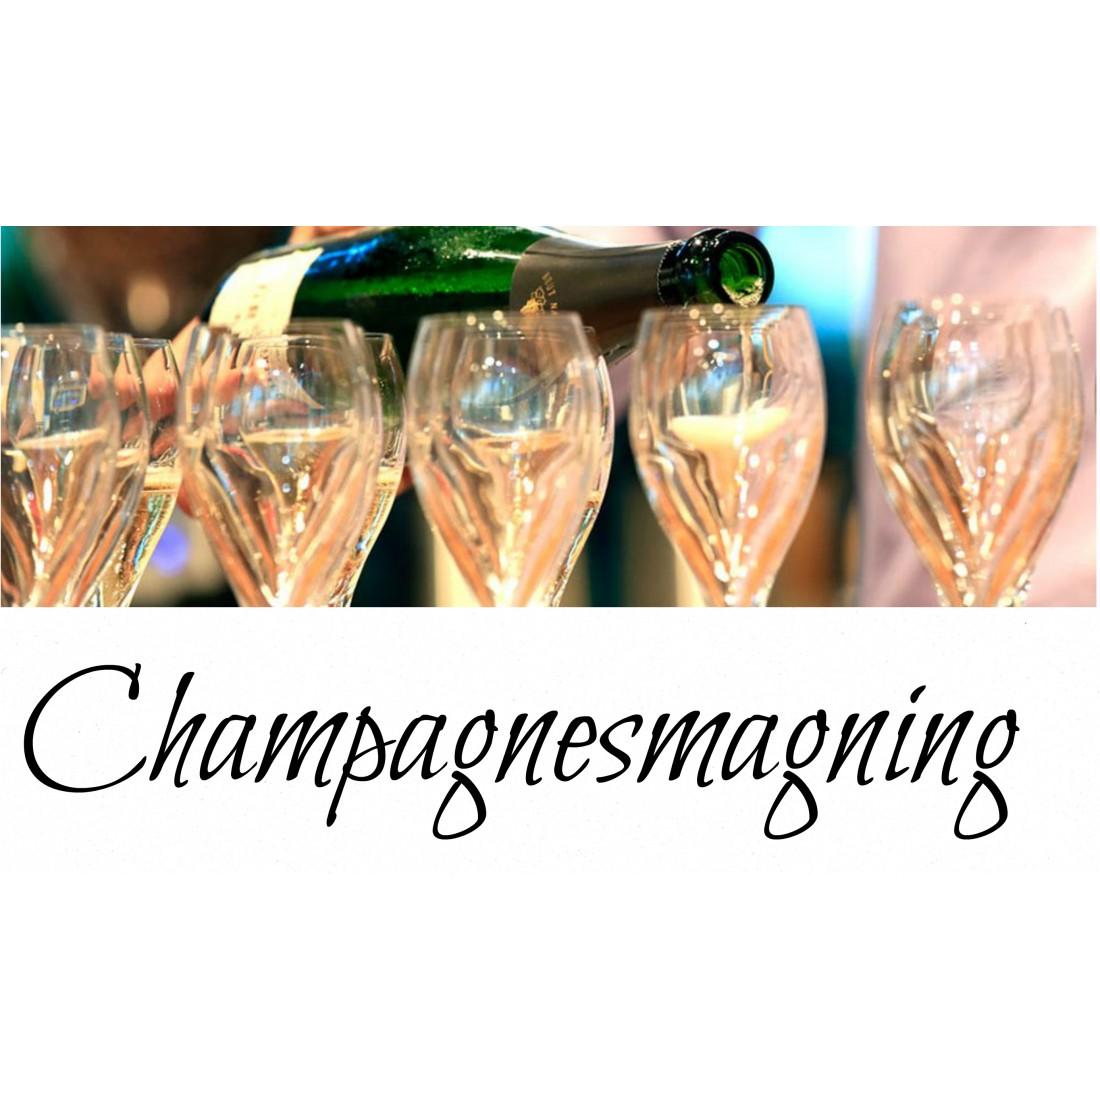 Champagnesmagning lørdag den 3 august kl. 19.00 I ChampagneKælderen-31